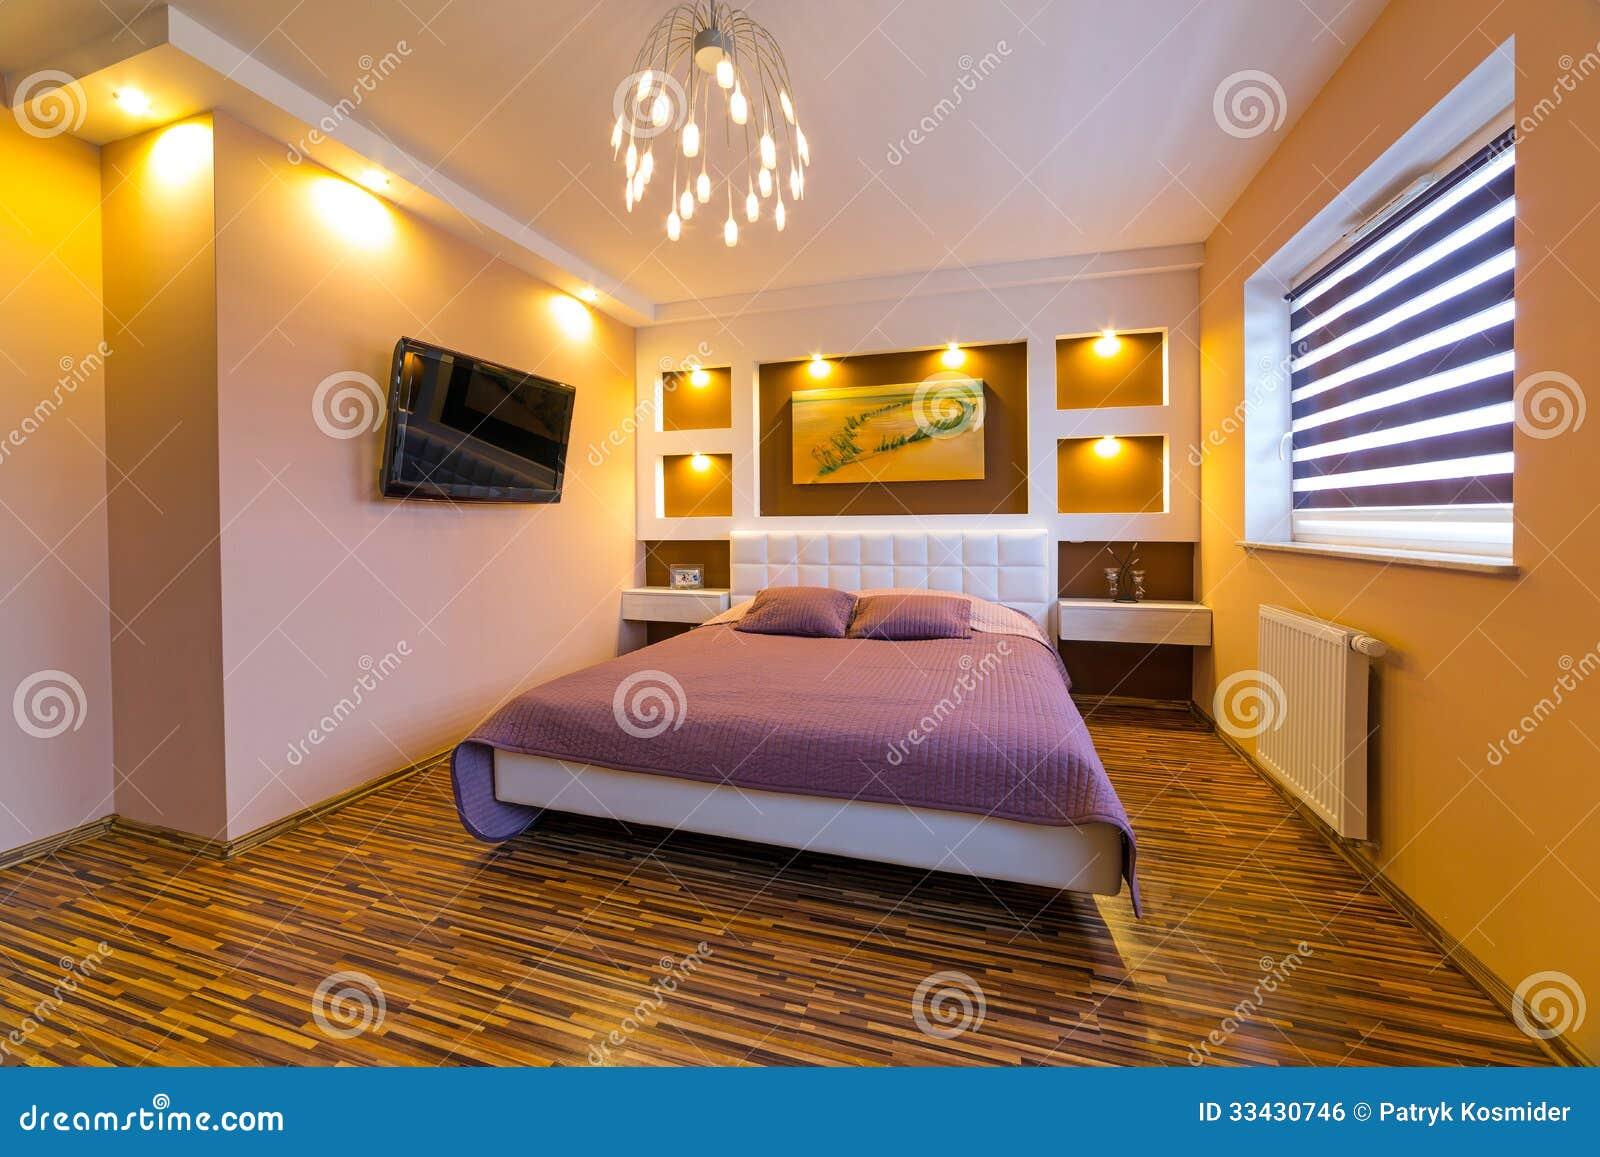 Modern master bedroom interior royalty free stock image image 33430746 - Modern house interior master bedroom ...